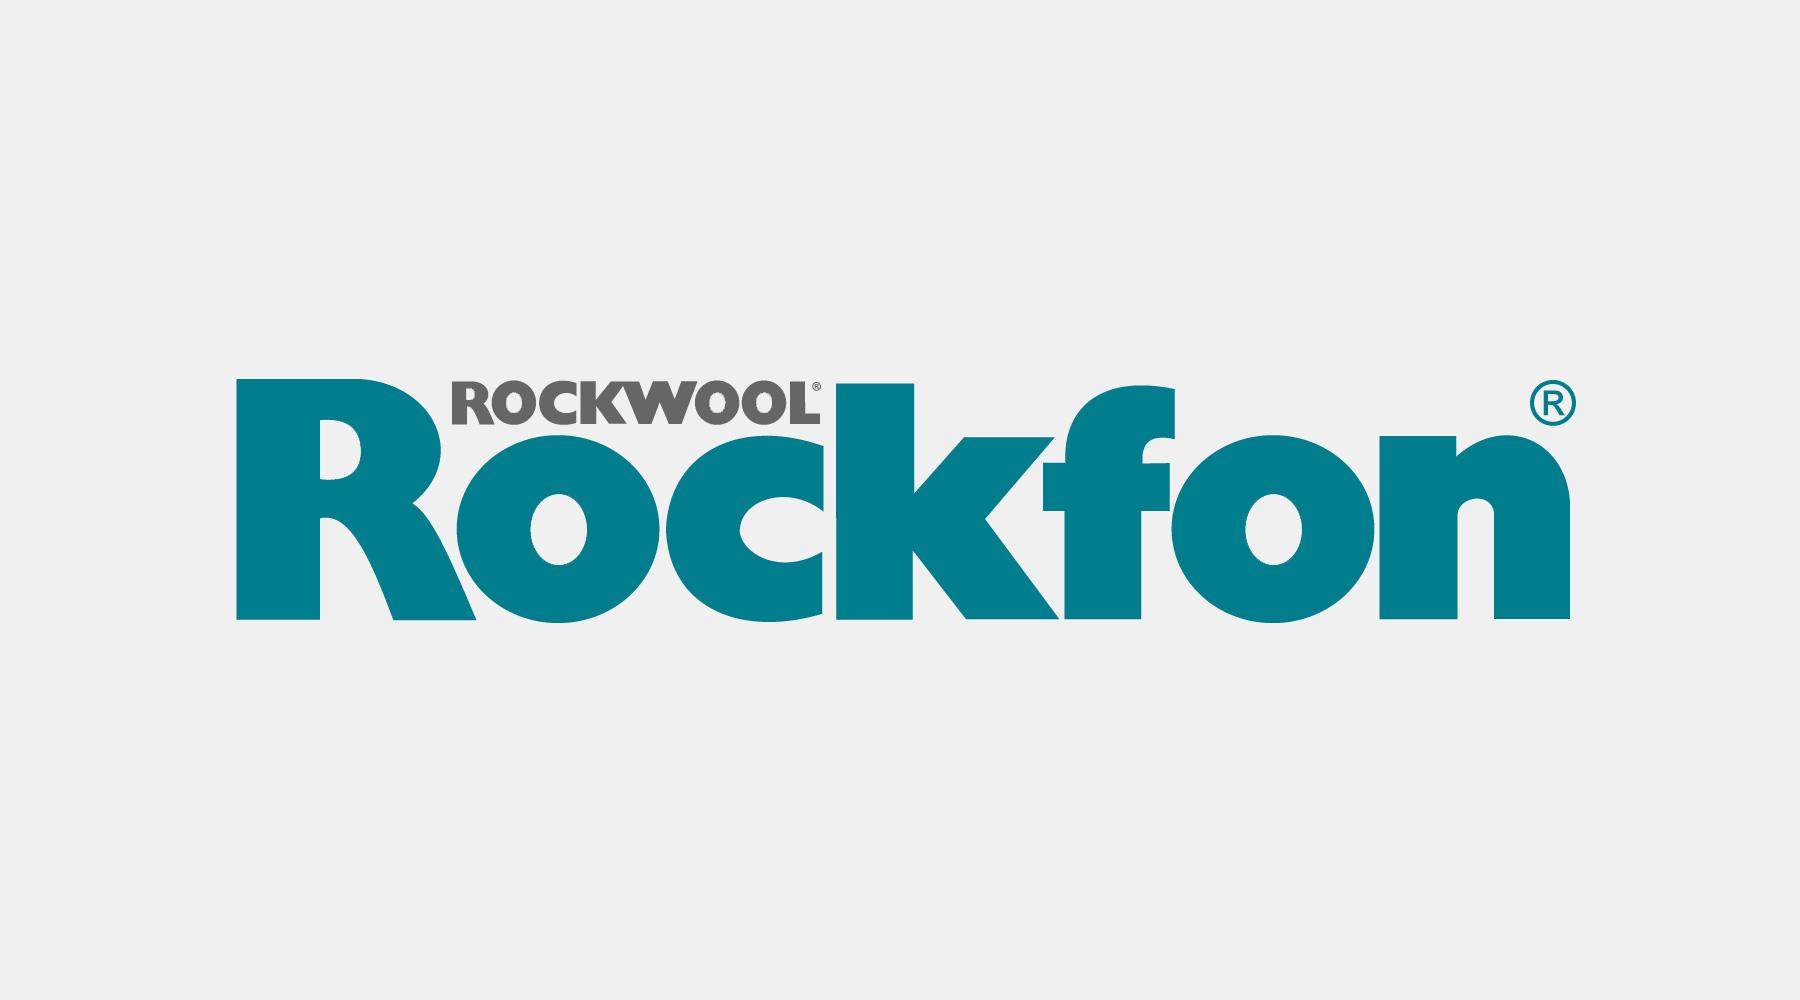 RockWool Rockfon